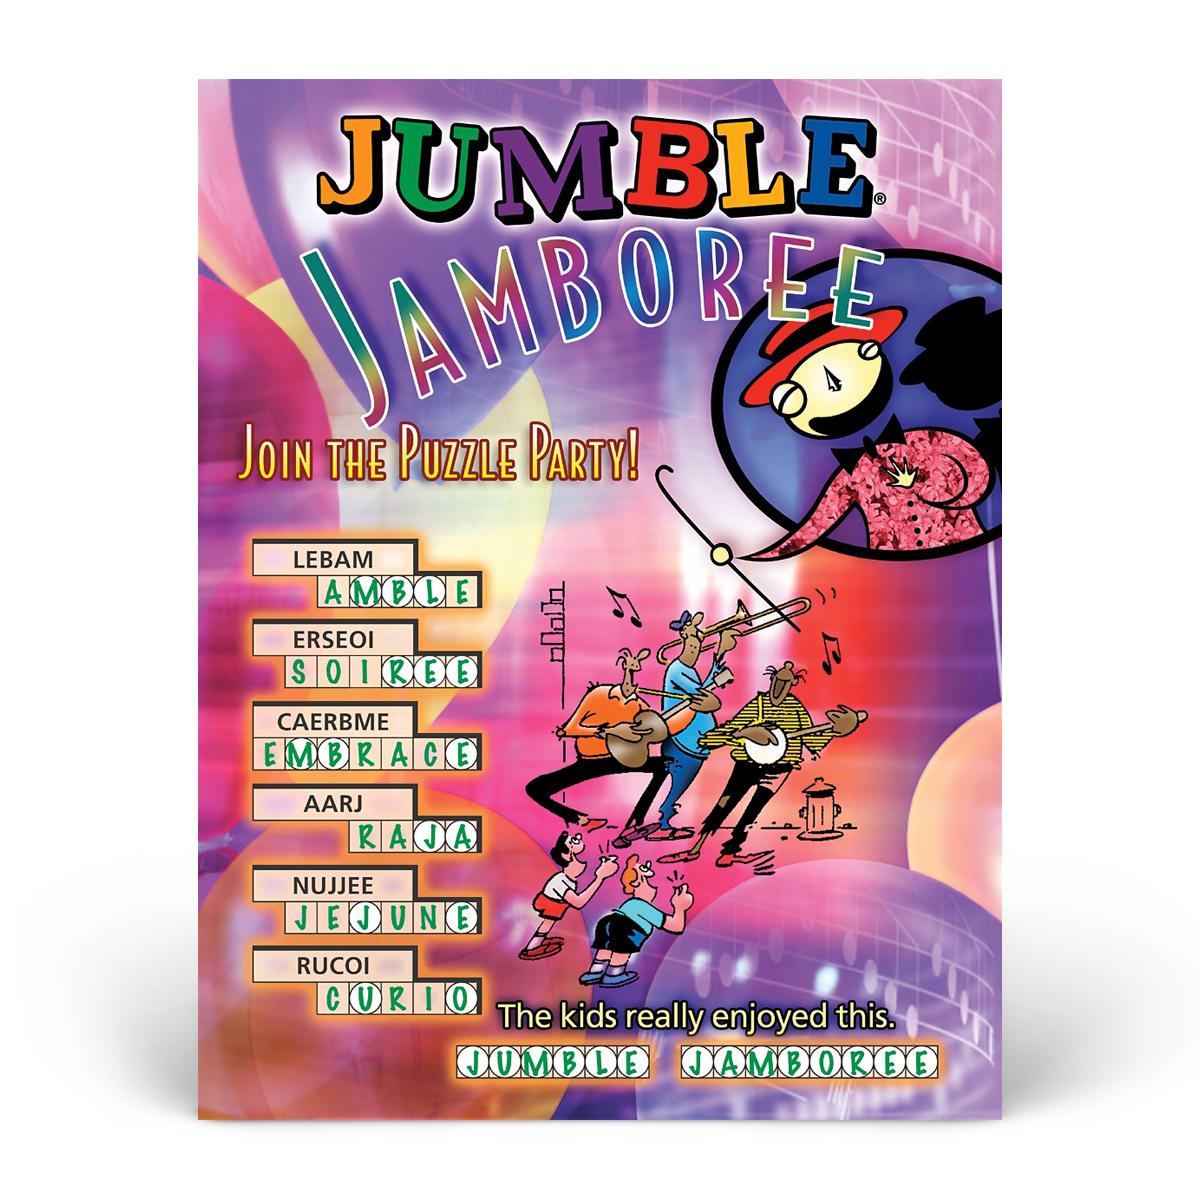 Jumble! Jamboree